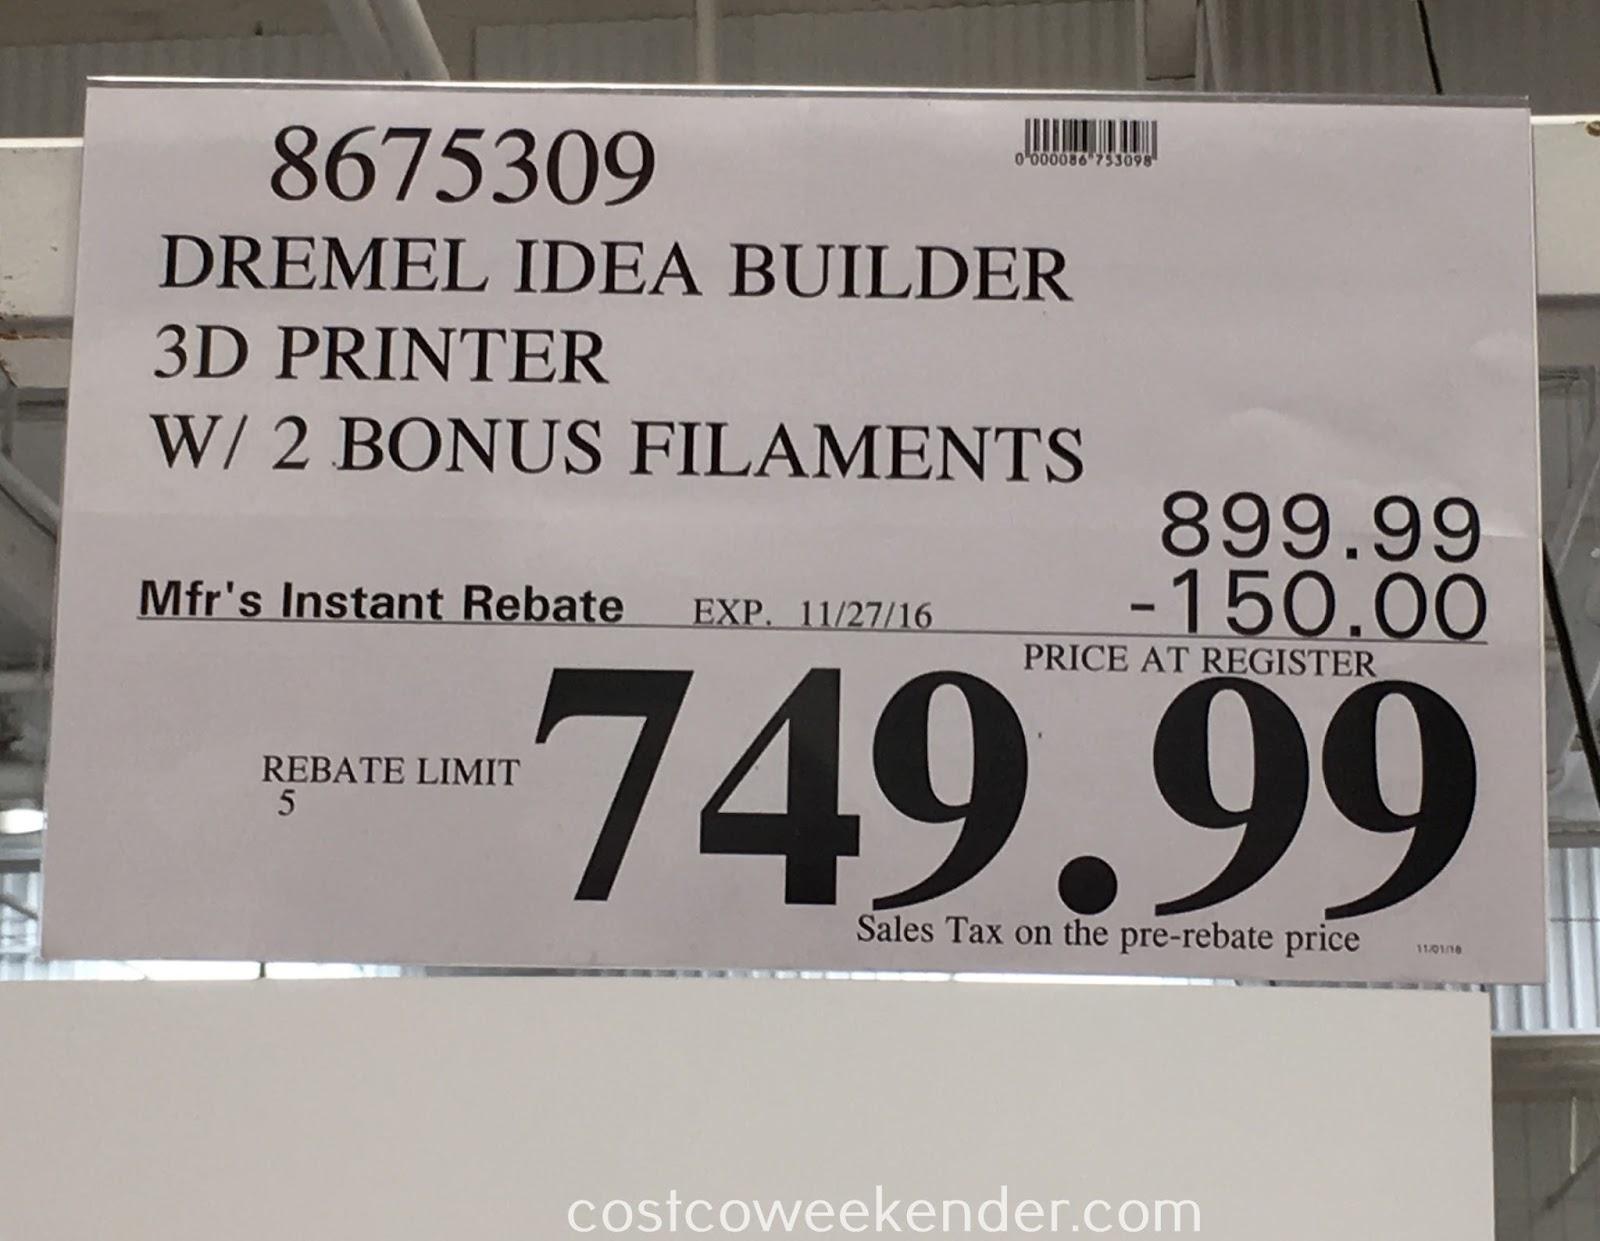 Deal for the Dremel Idea Builder 3D Printer at Costco